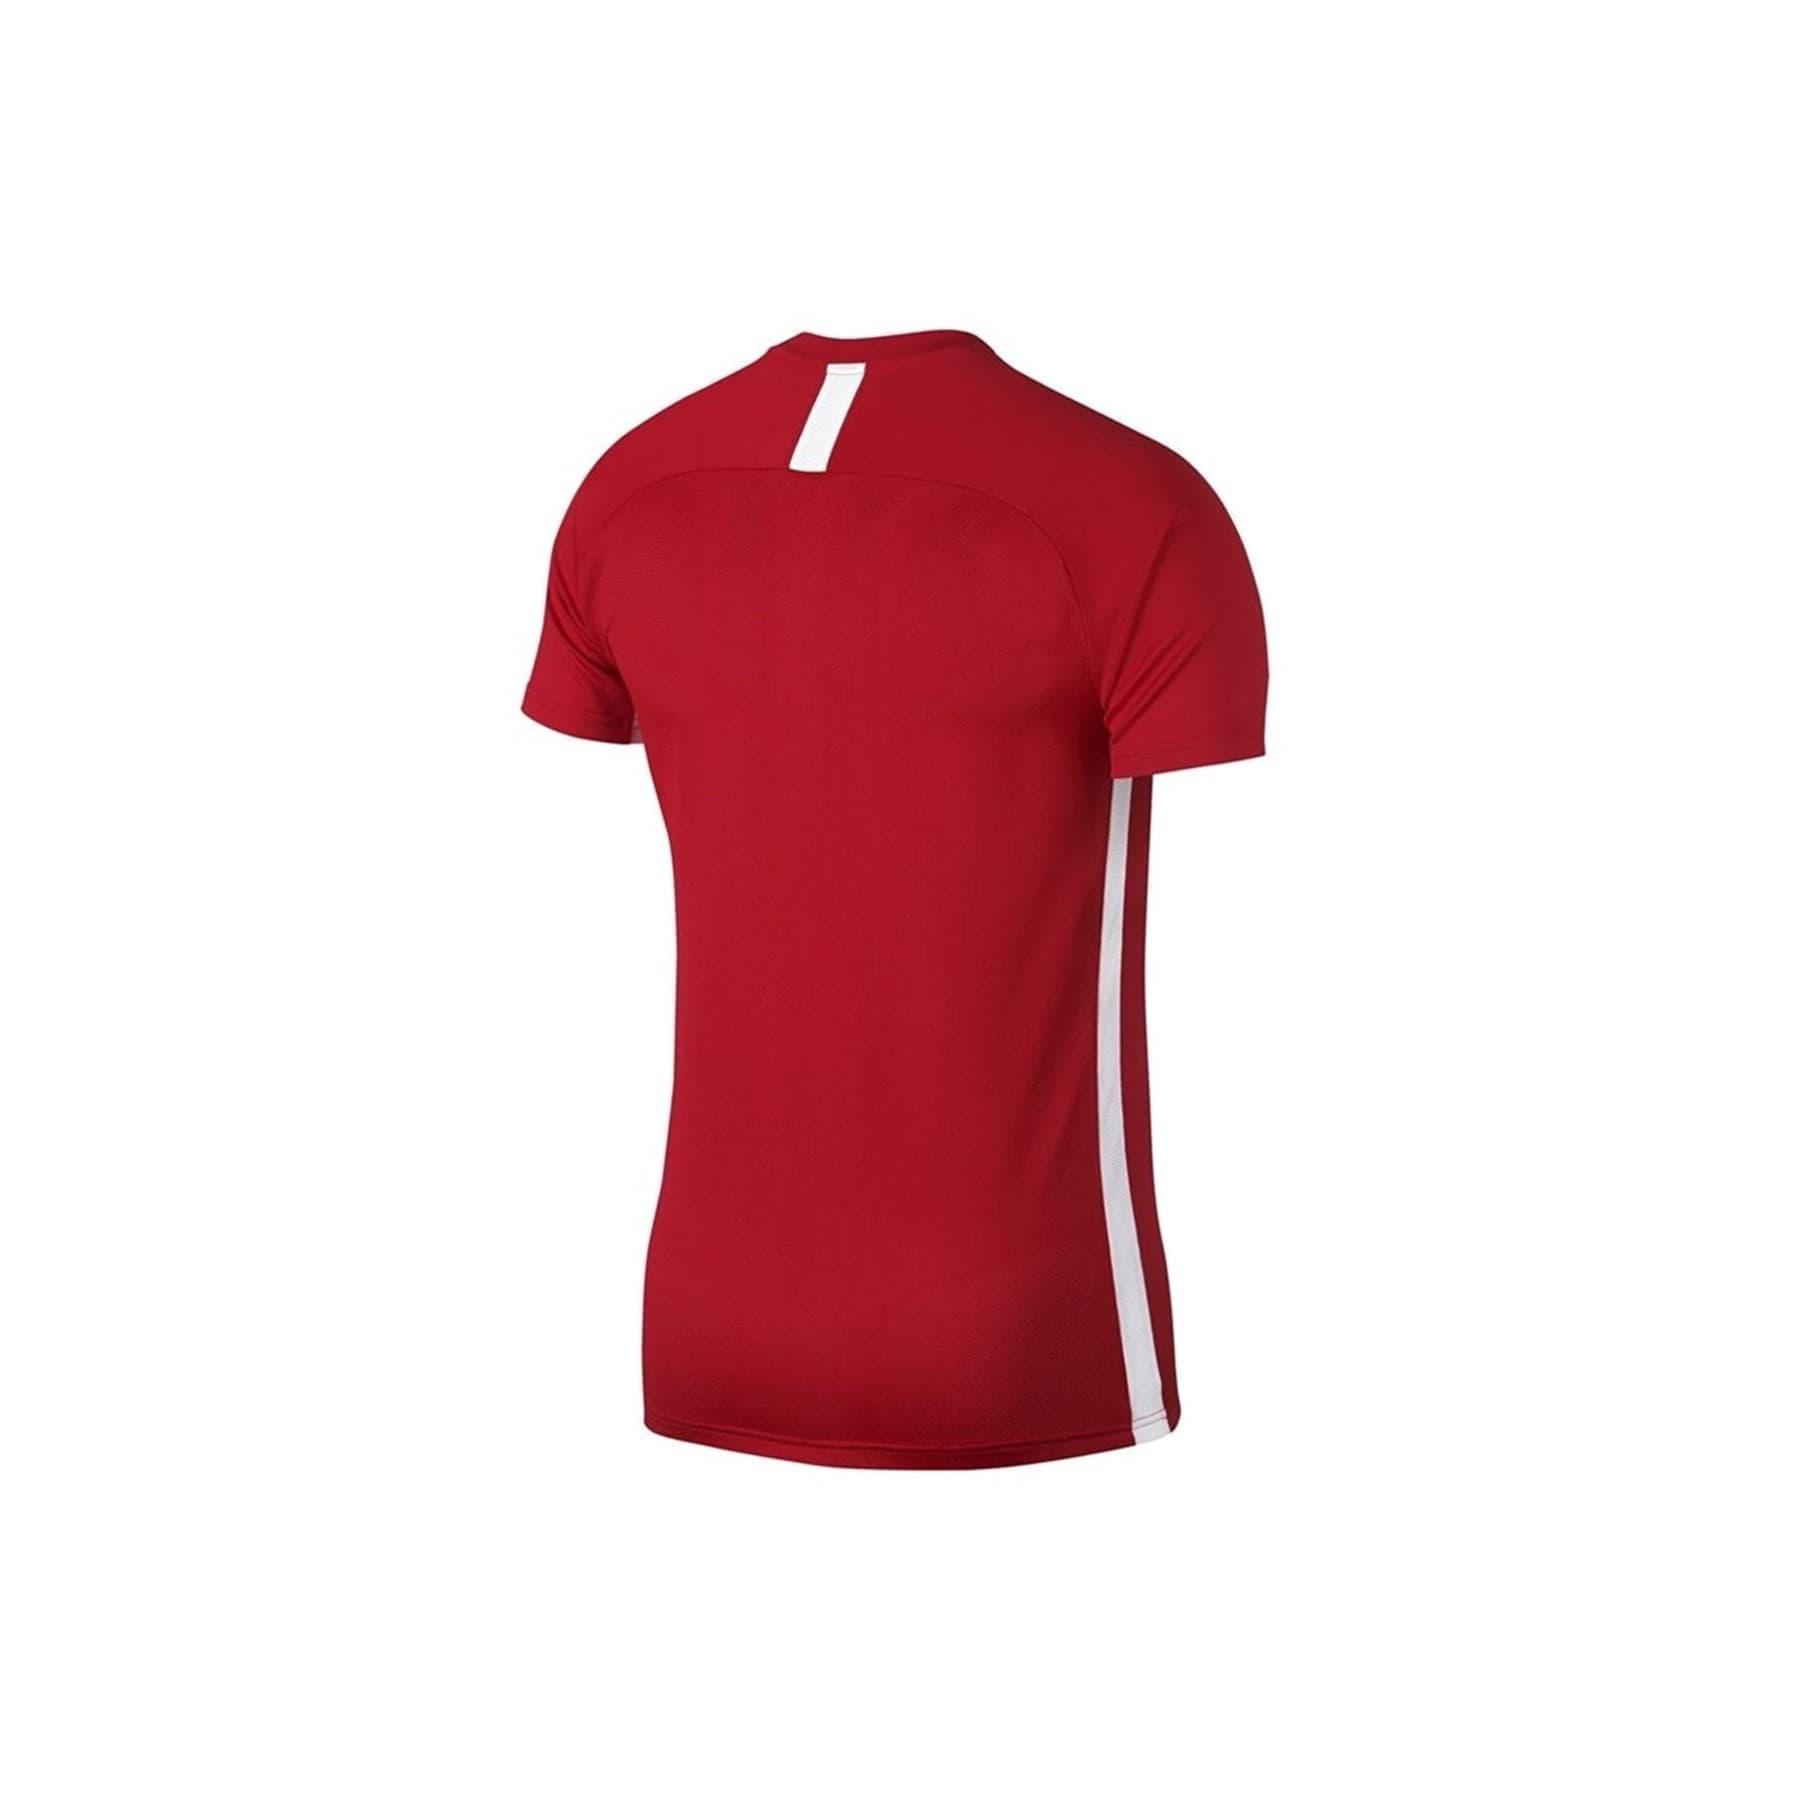 Dry Academy Erkek Kırmızı Futbol Tişört (AJ9996-657)